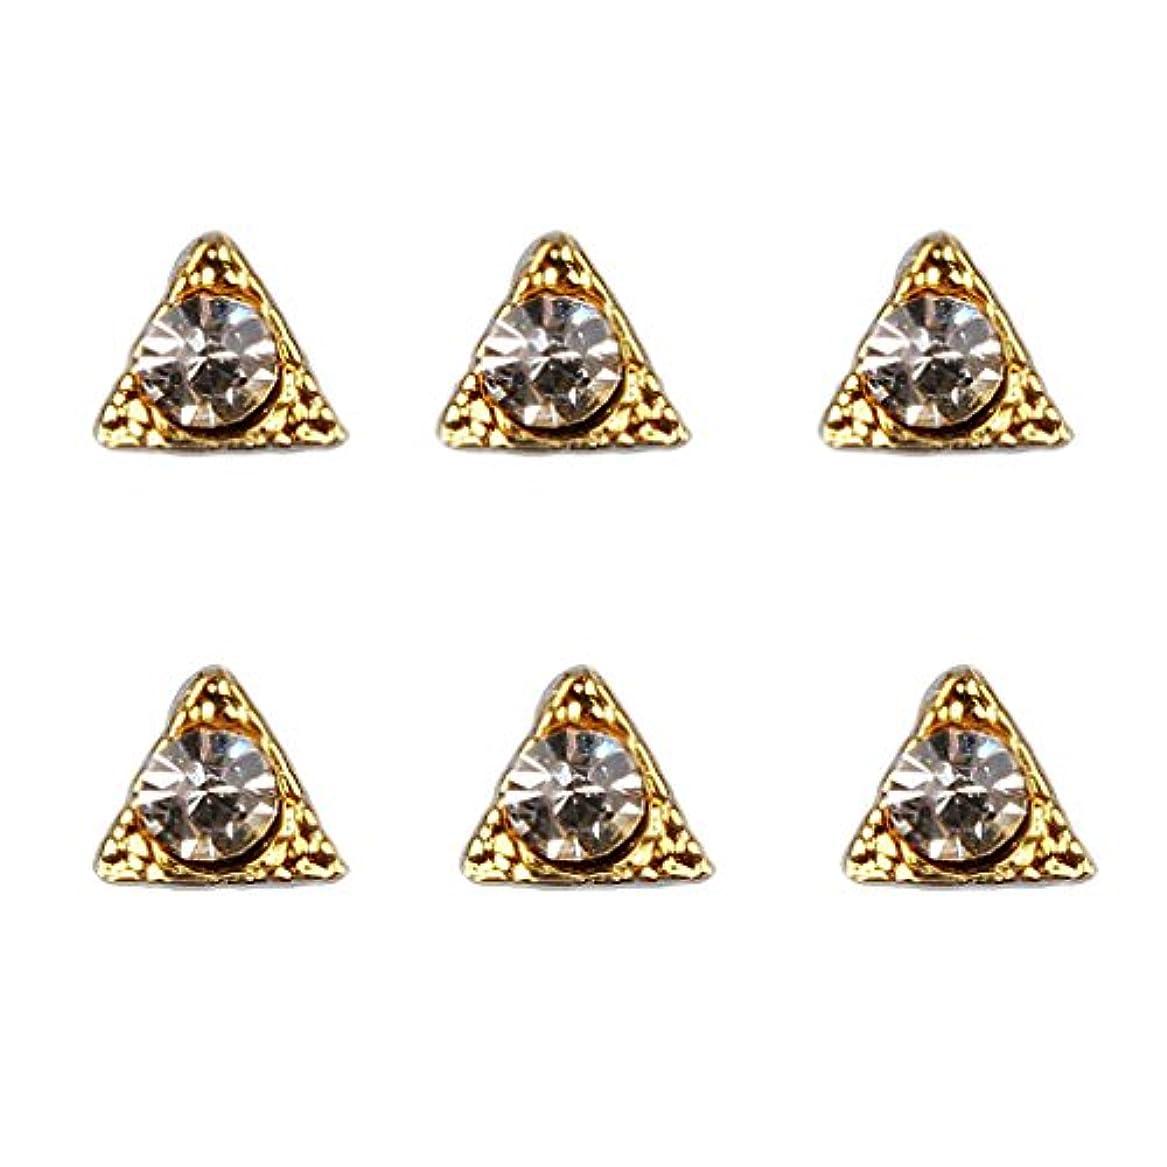 トリプル昨日円周ネイル ネイルデザイン ダイヤモンド 3Dネイルアート ヒントステッカー デコレーション 50個入り - 7